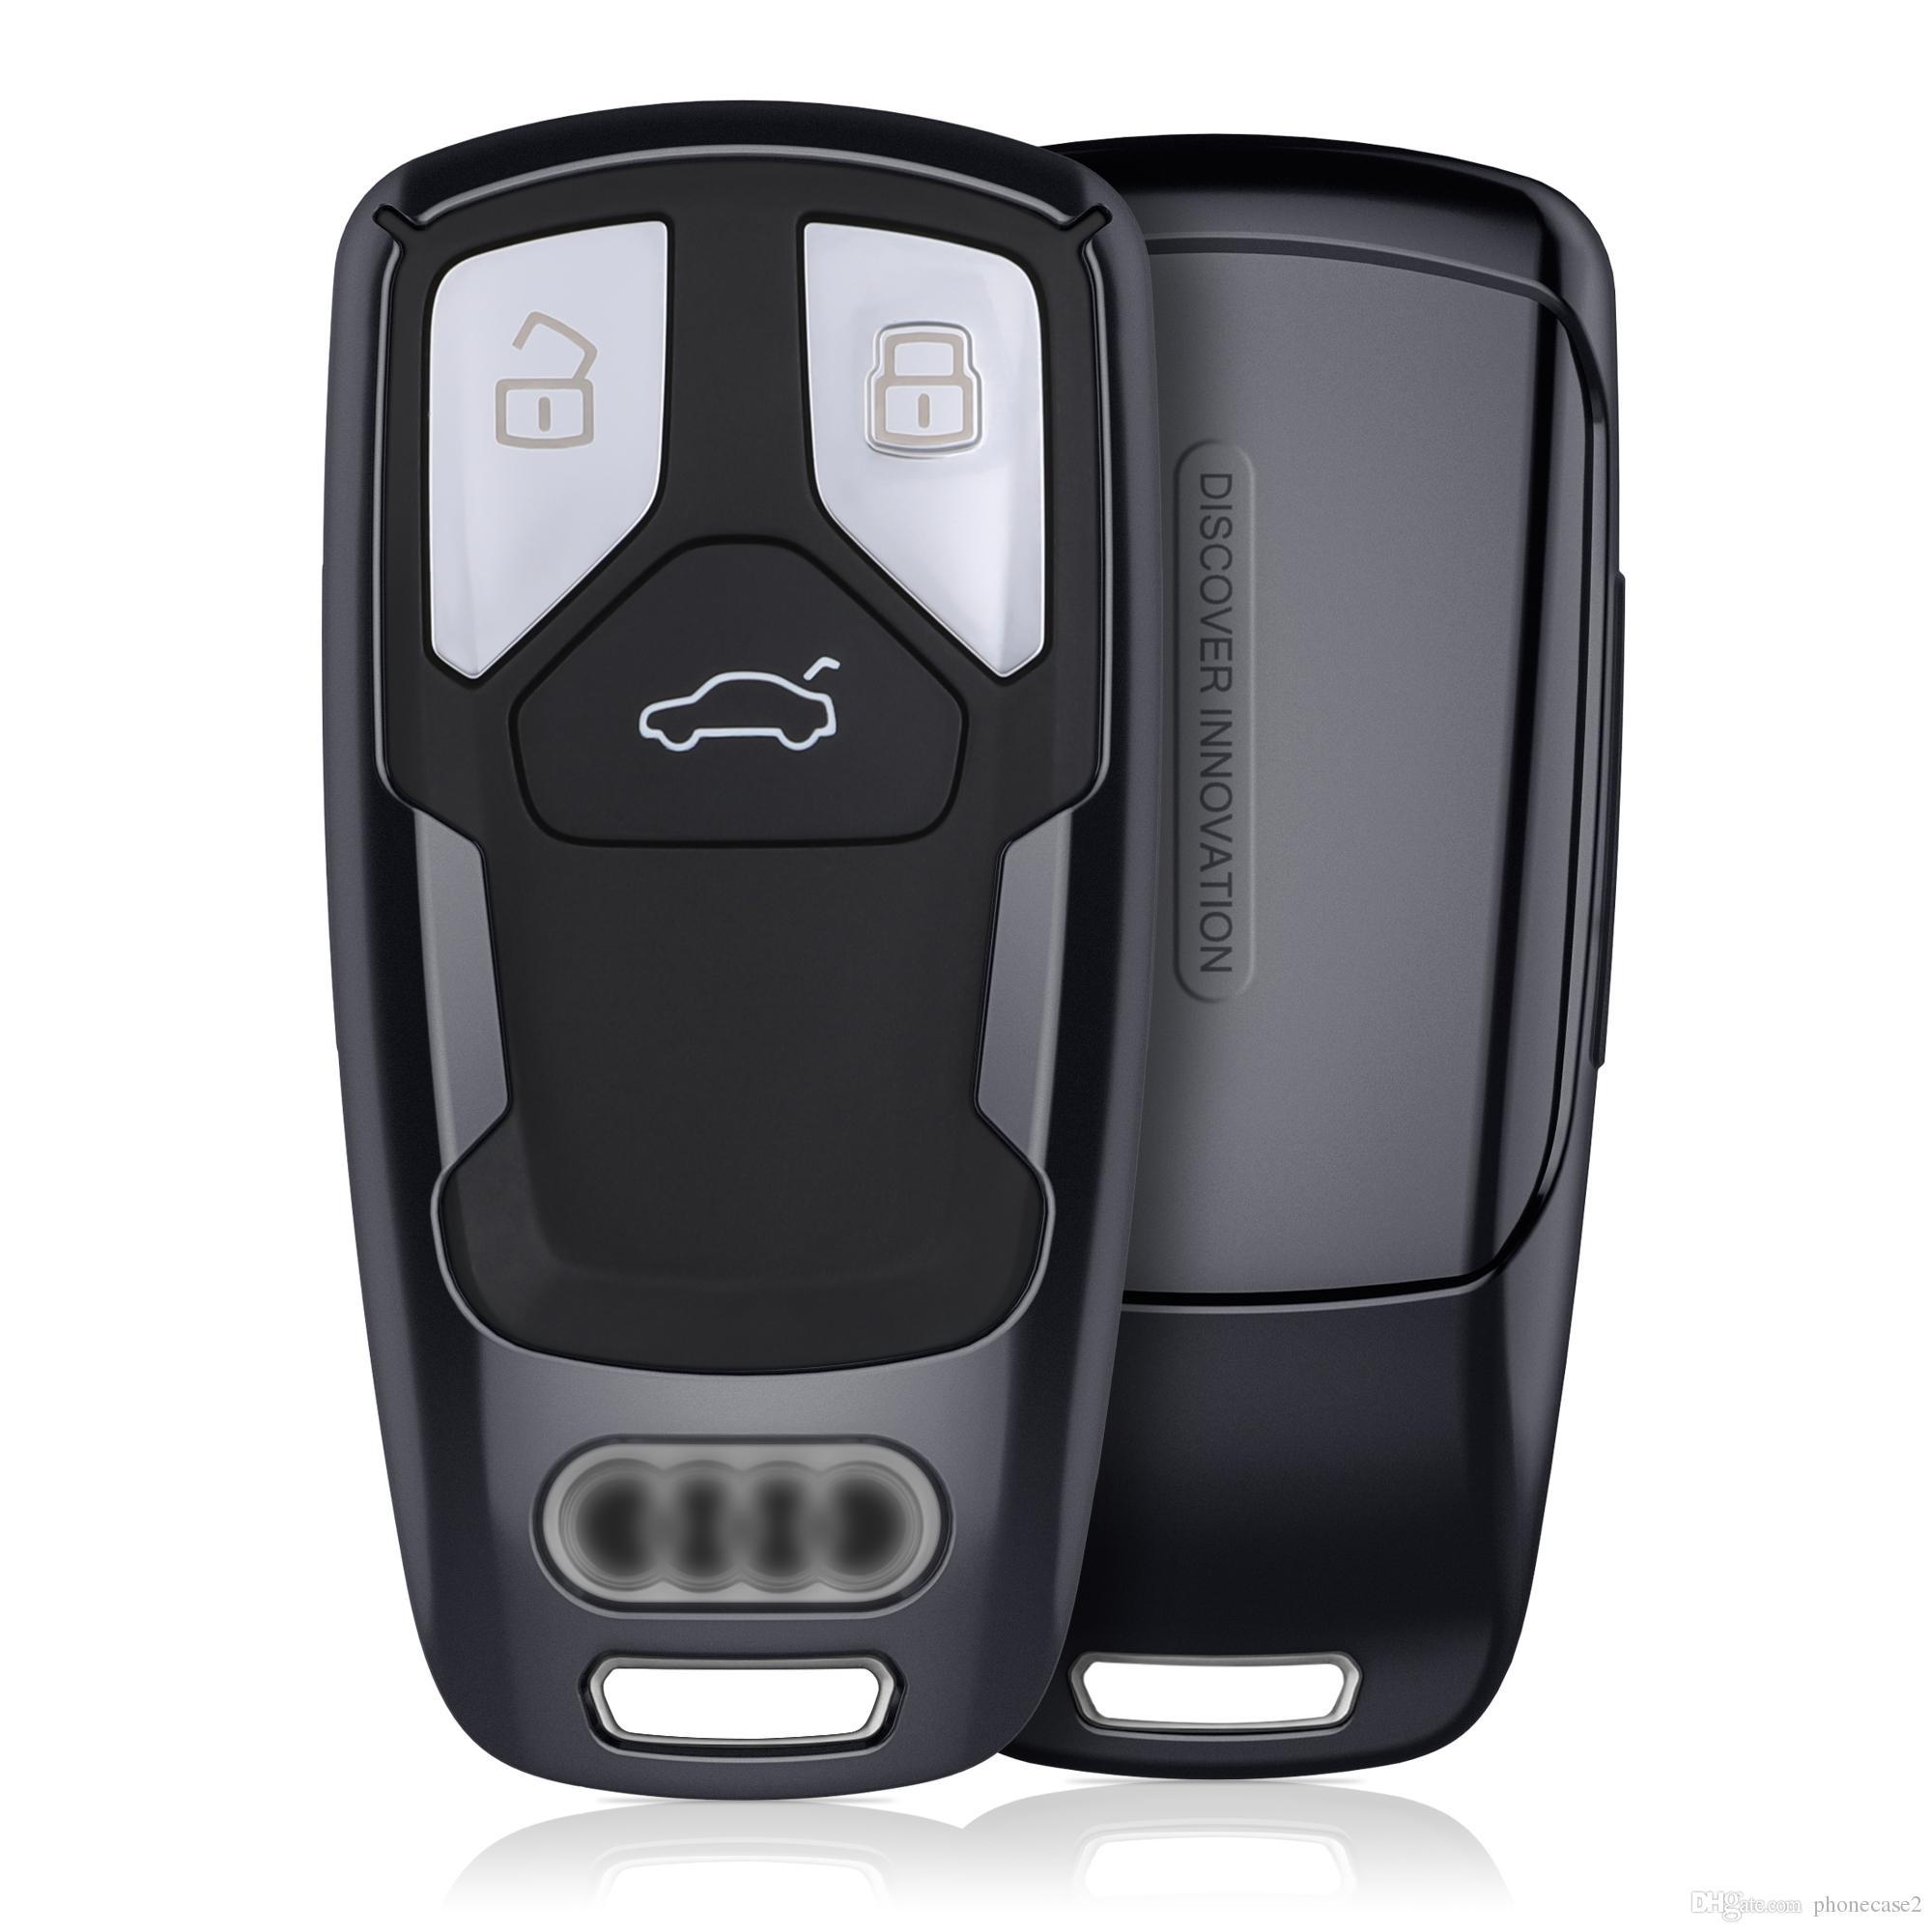 FormFit Car Key Case For Audi Q7 A4 A5 A4L Audi TT RS NILLKIN